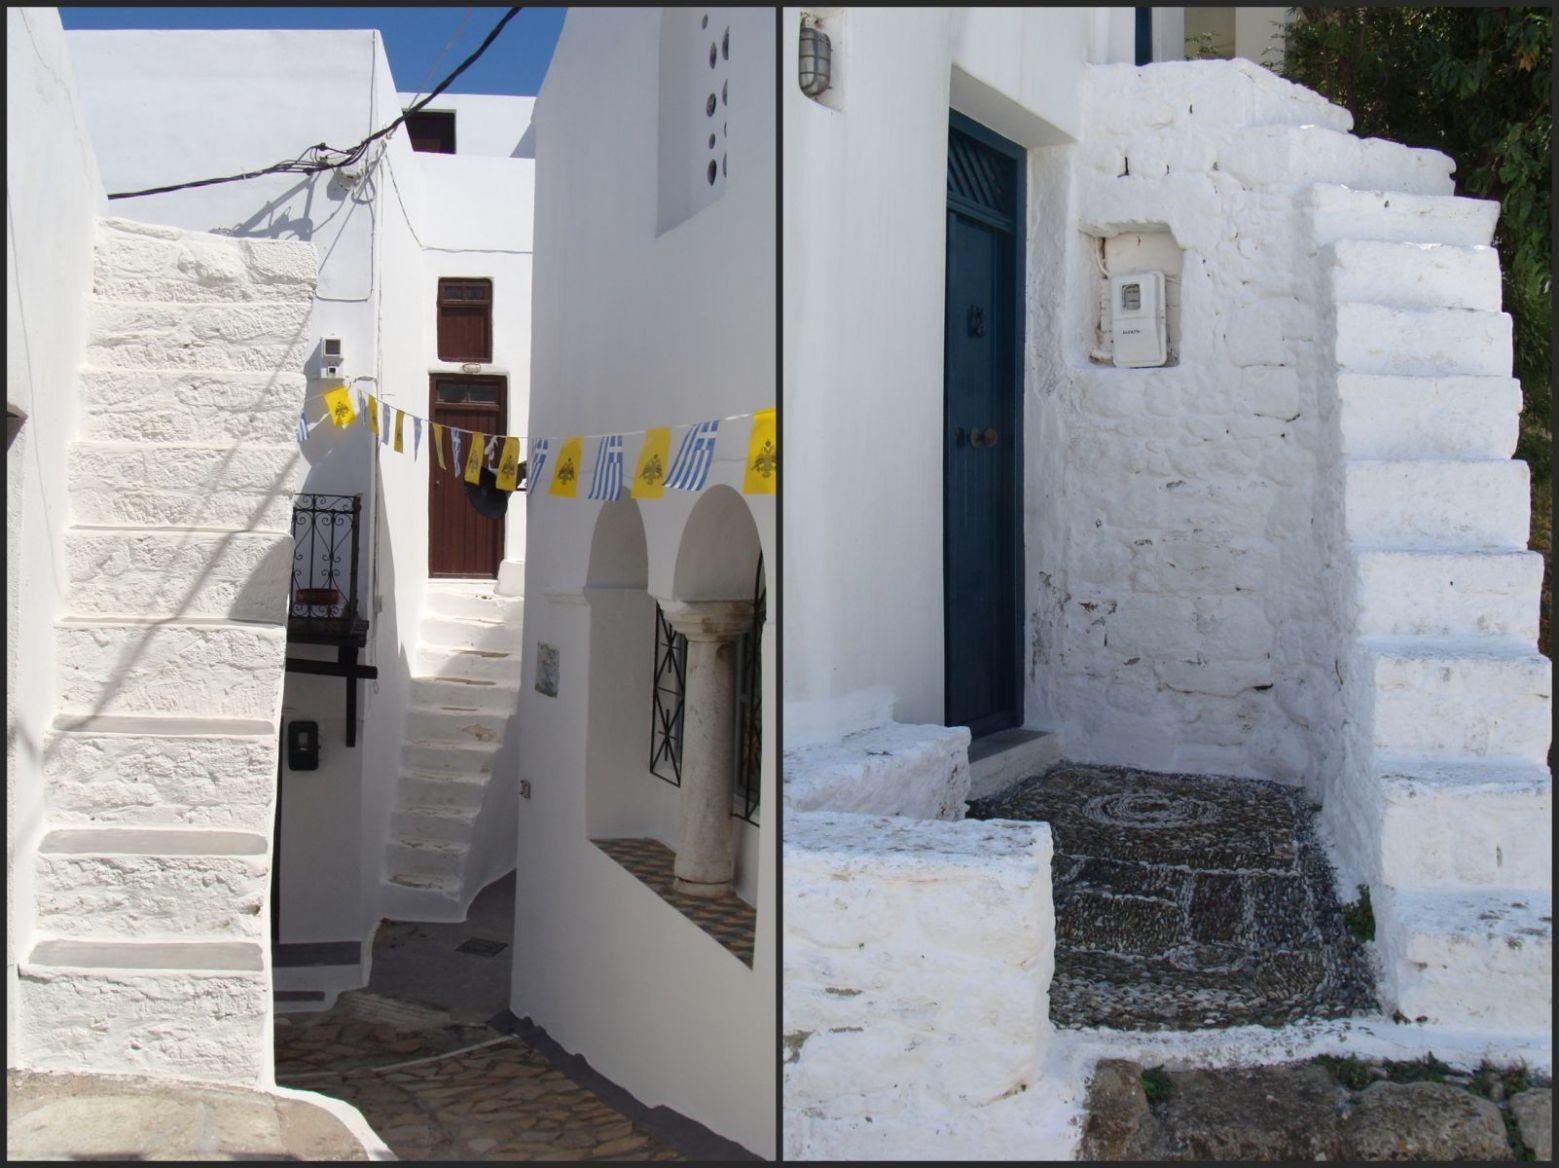 stepenice.thumb.jpg.38ec1ec877049c9e7a87